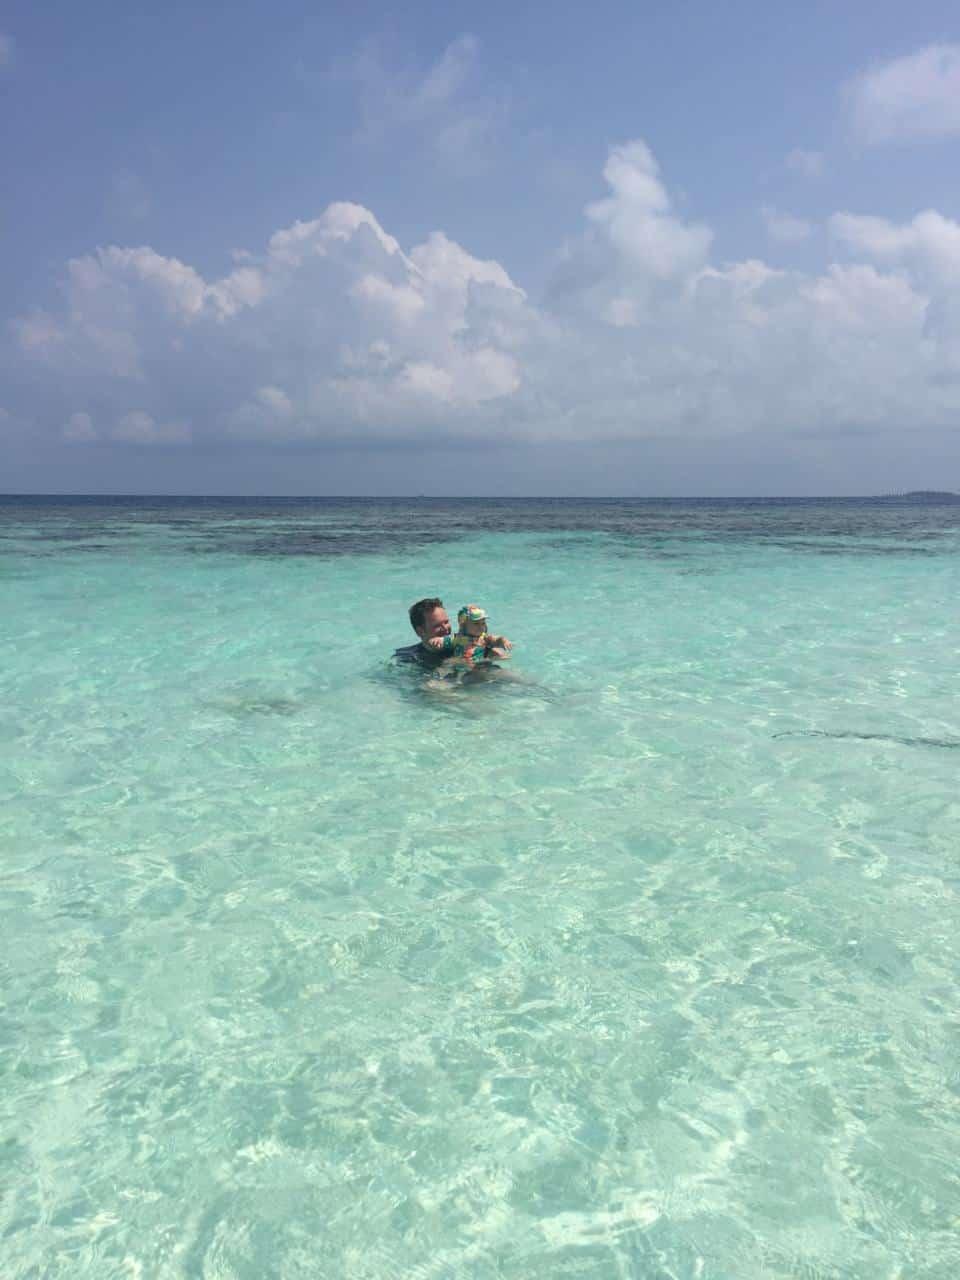 The Bandos Maldives Resort